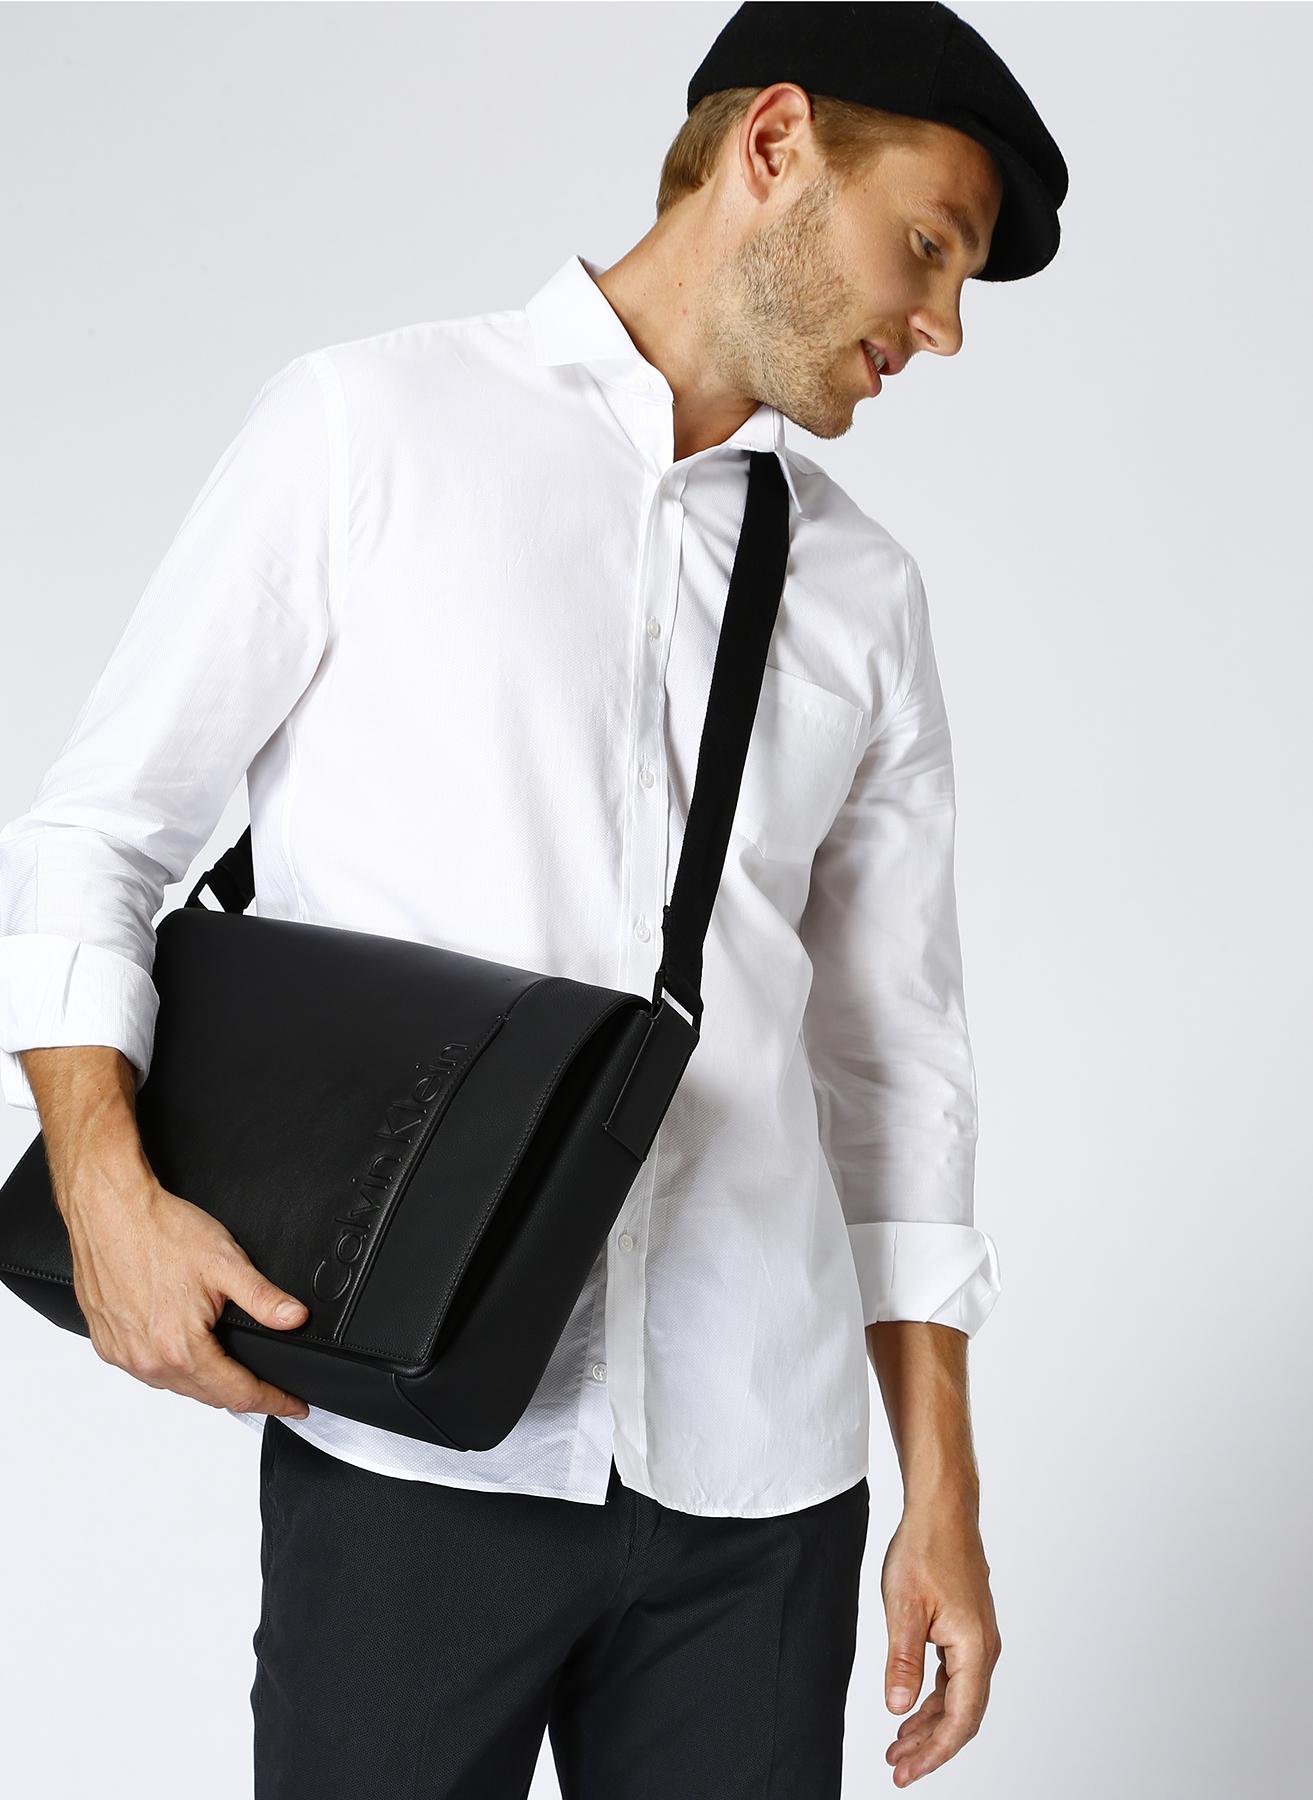 Cotton Bar Beyaz Gömlek S 5001632765001 Ürün Resmi